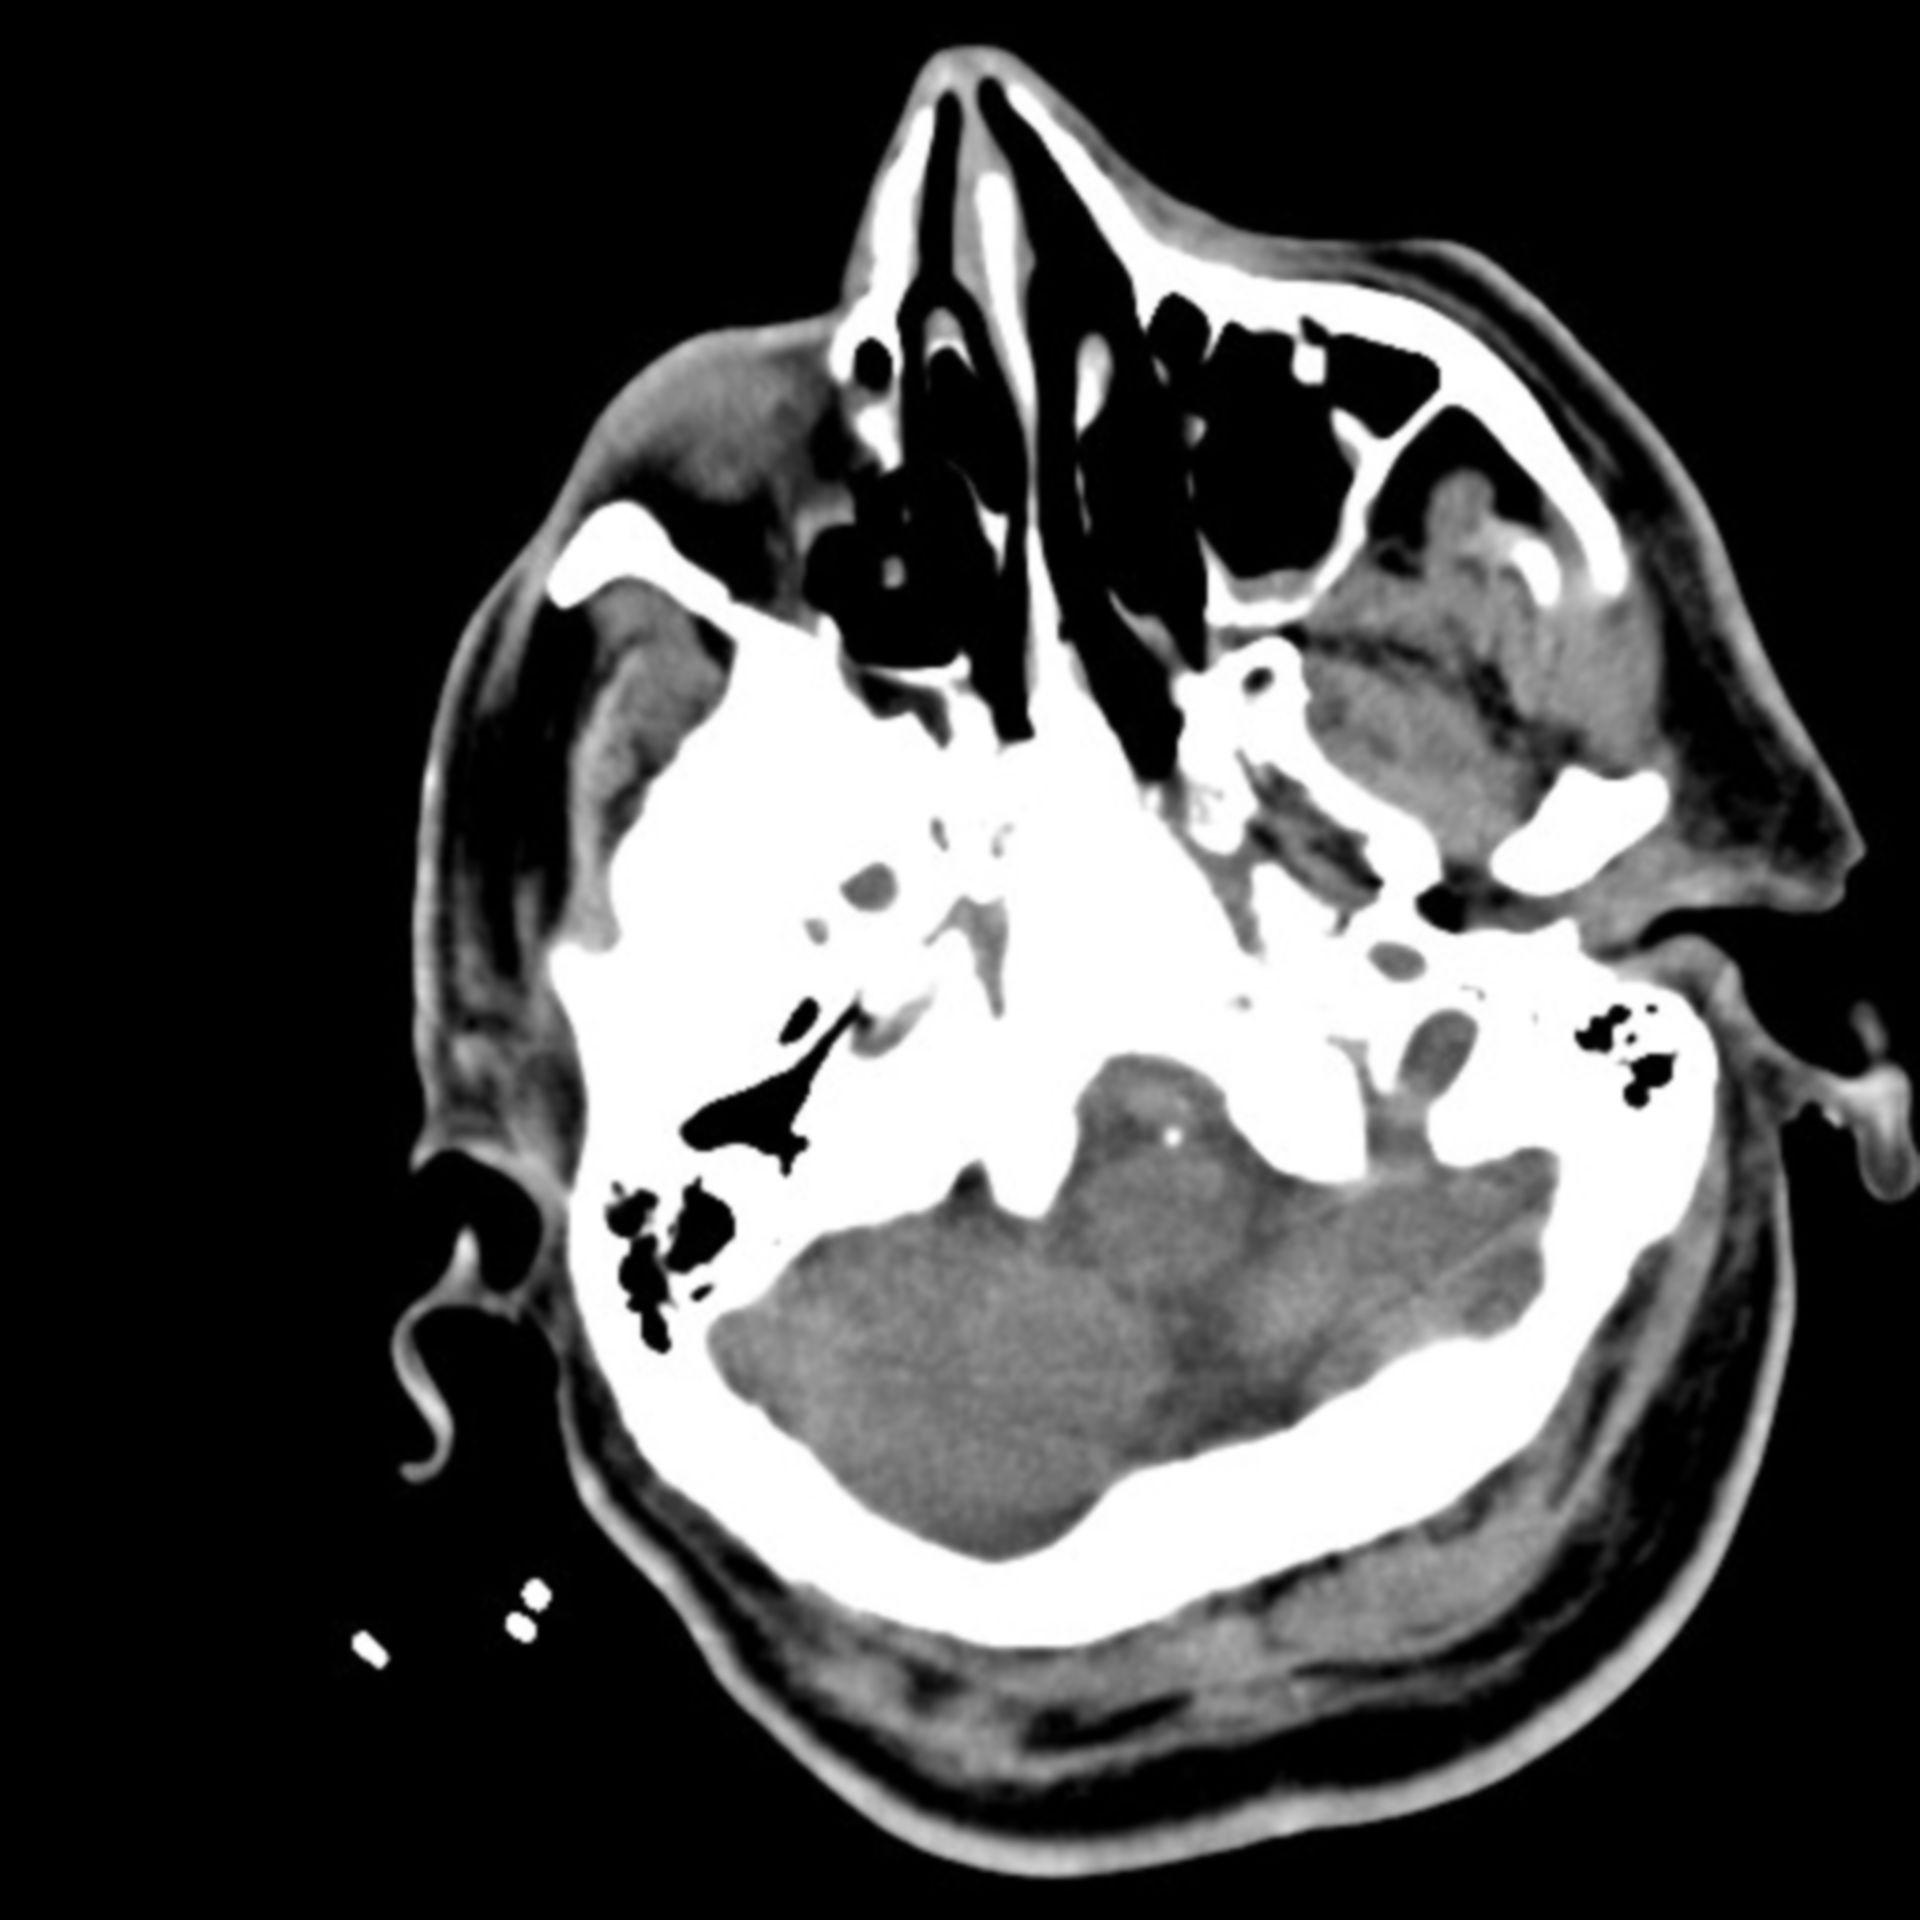 Gehirnblutung+Pneumonie 8